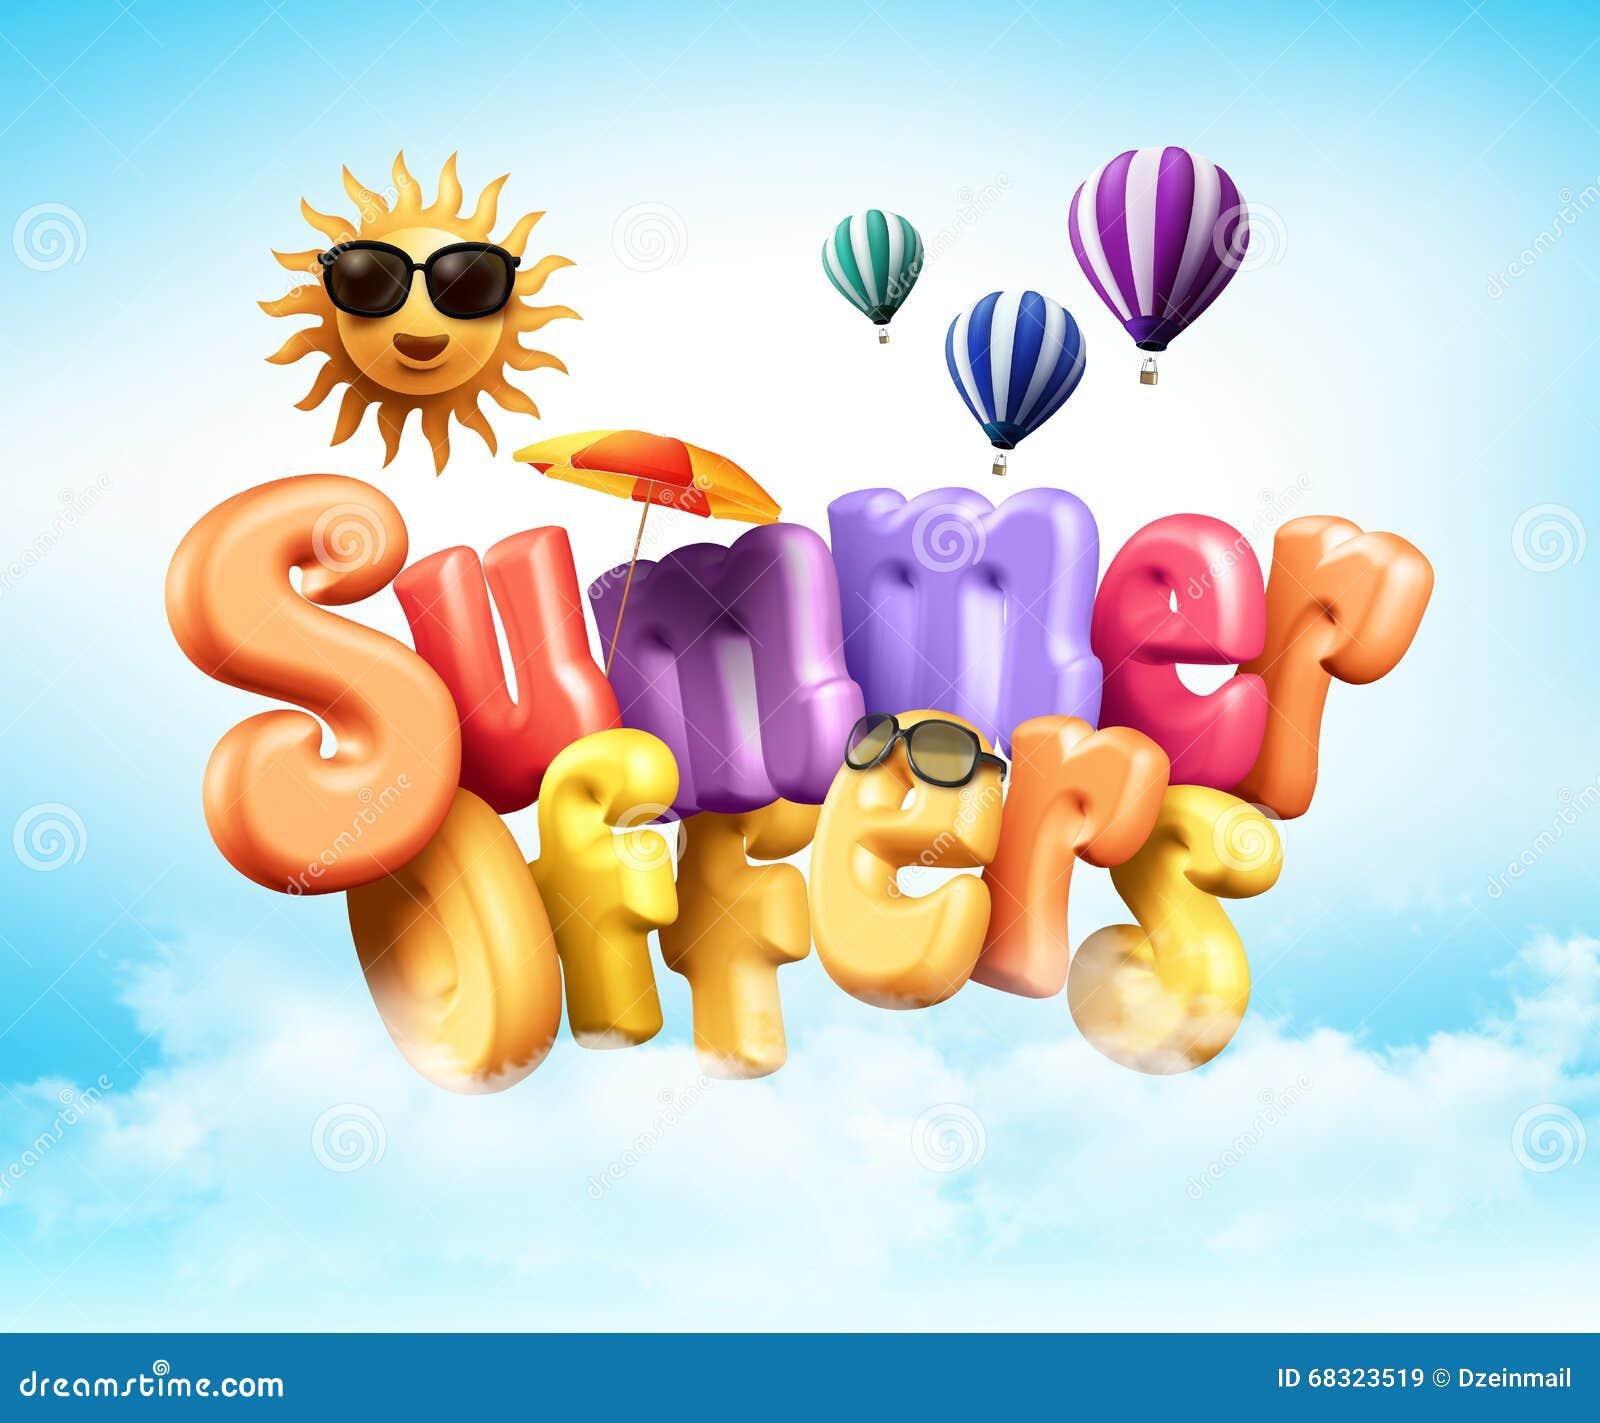 Poster design 3d - Summer Offers Poster Design Illustration In 3d Rendered Graphics Stock Illustration